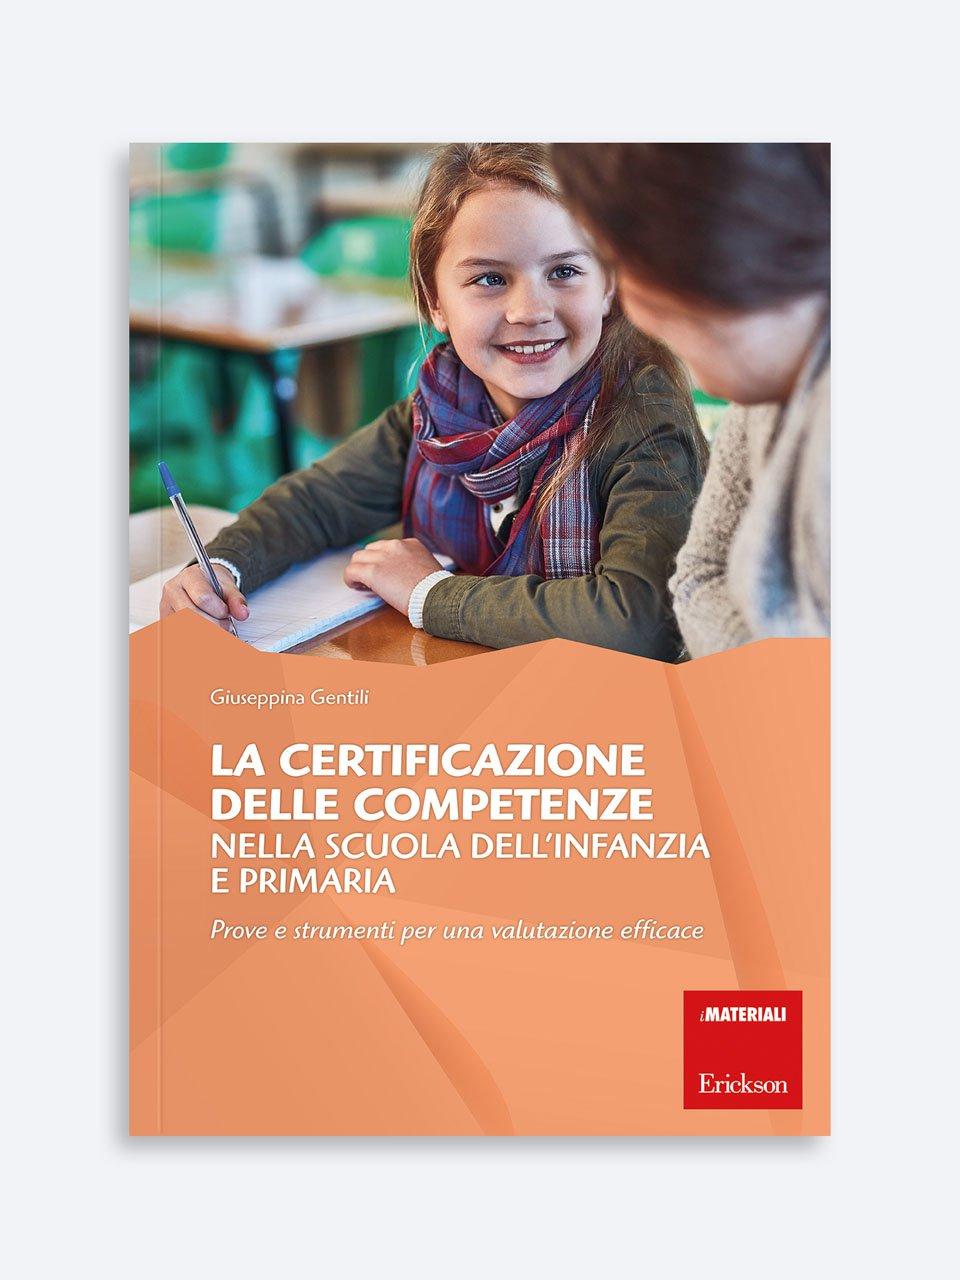 La certificazione delle competenze nella scuola dell'infanzia e primaria - Giuseppina Gentili - Erickson